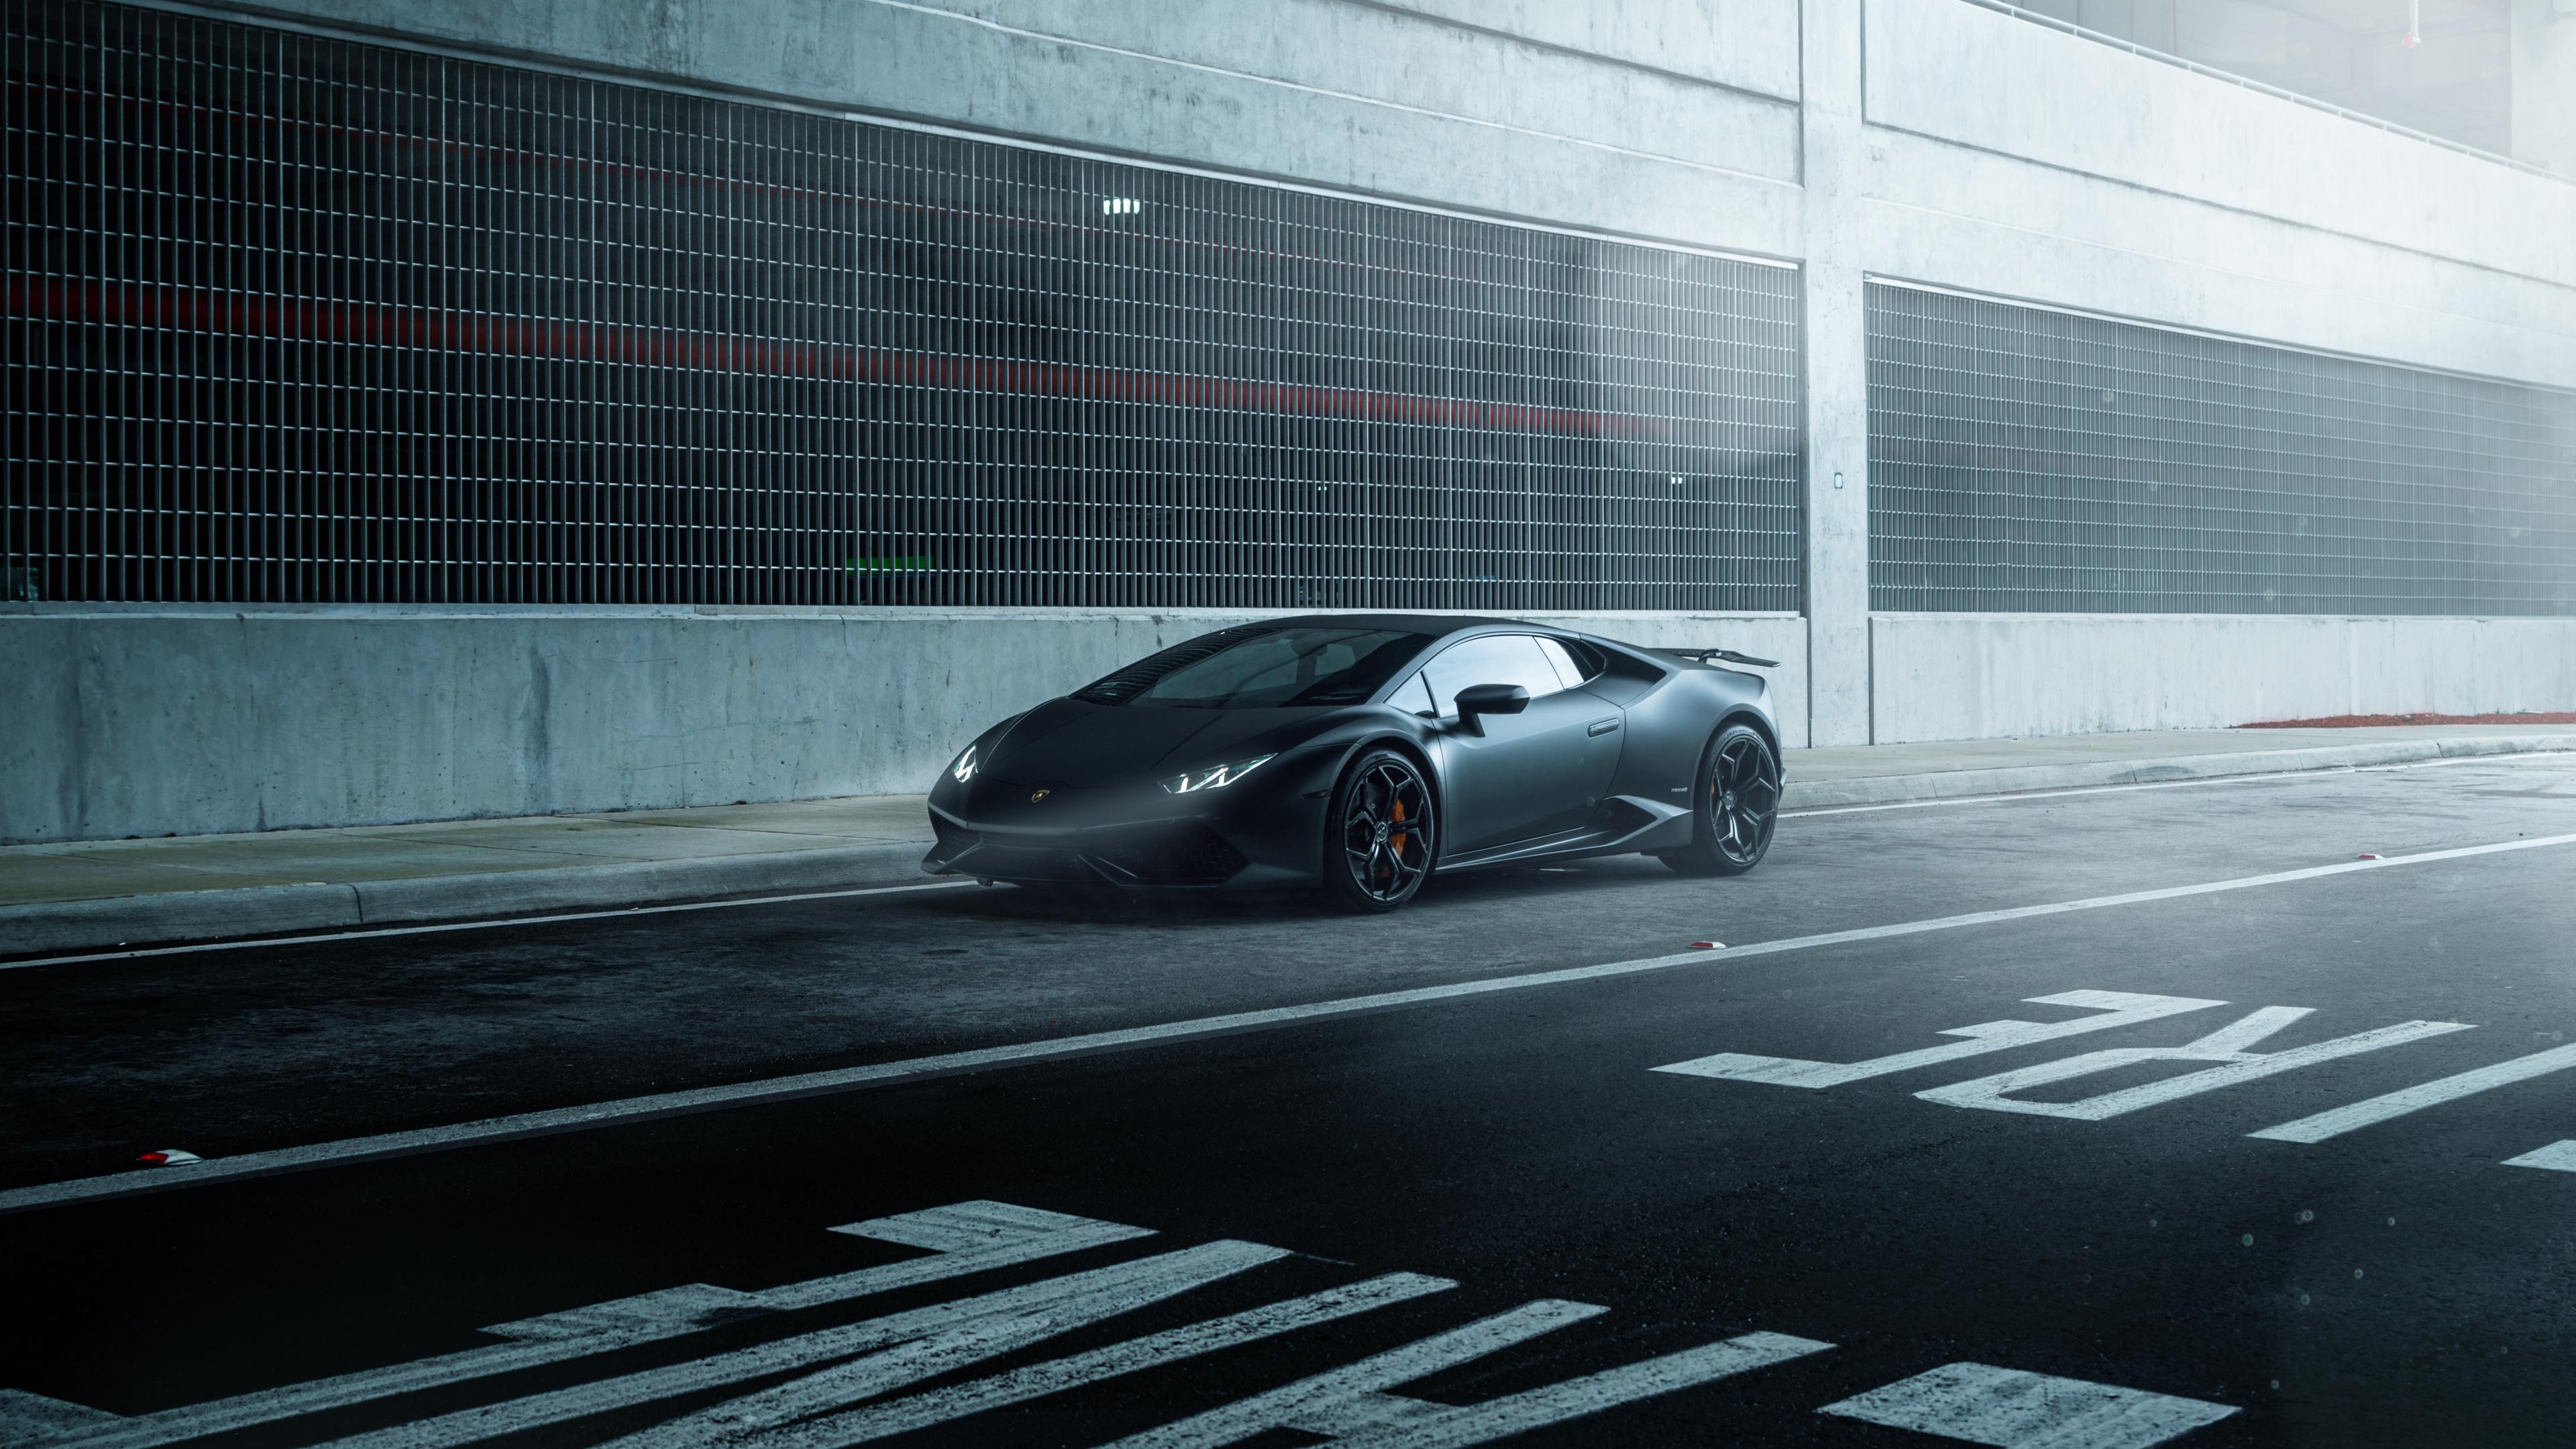 lamborghini_huracan_vellano_mc_matte_black-HD Exciting Lamborghini Huracán Lp 610-4 Cena Cars Trend